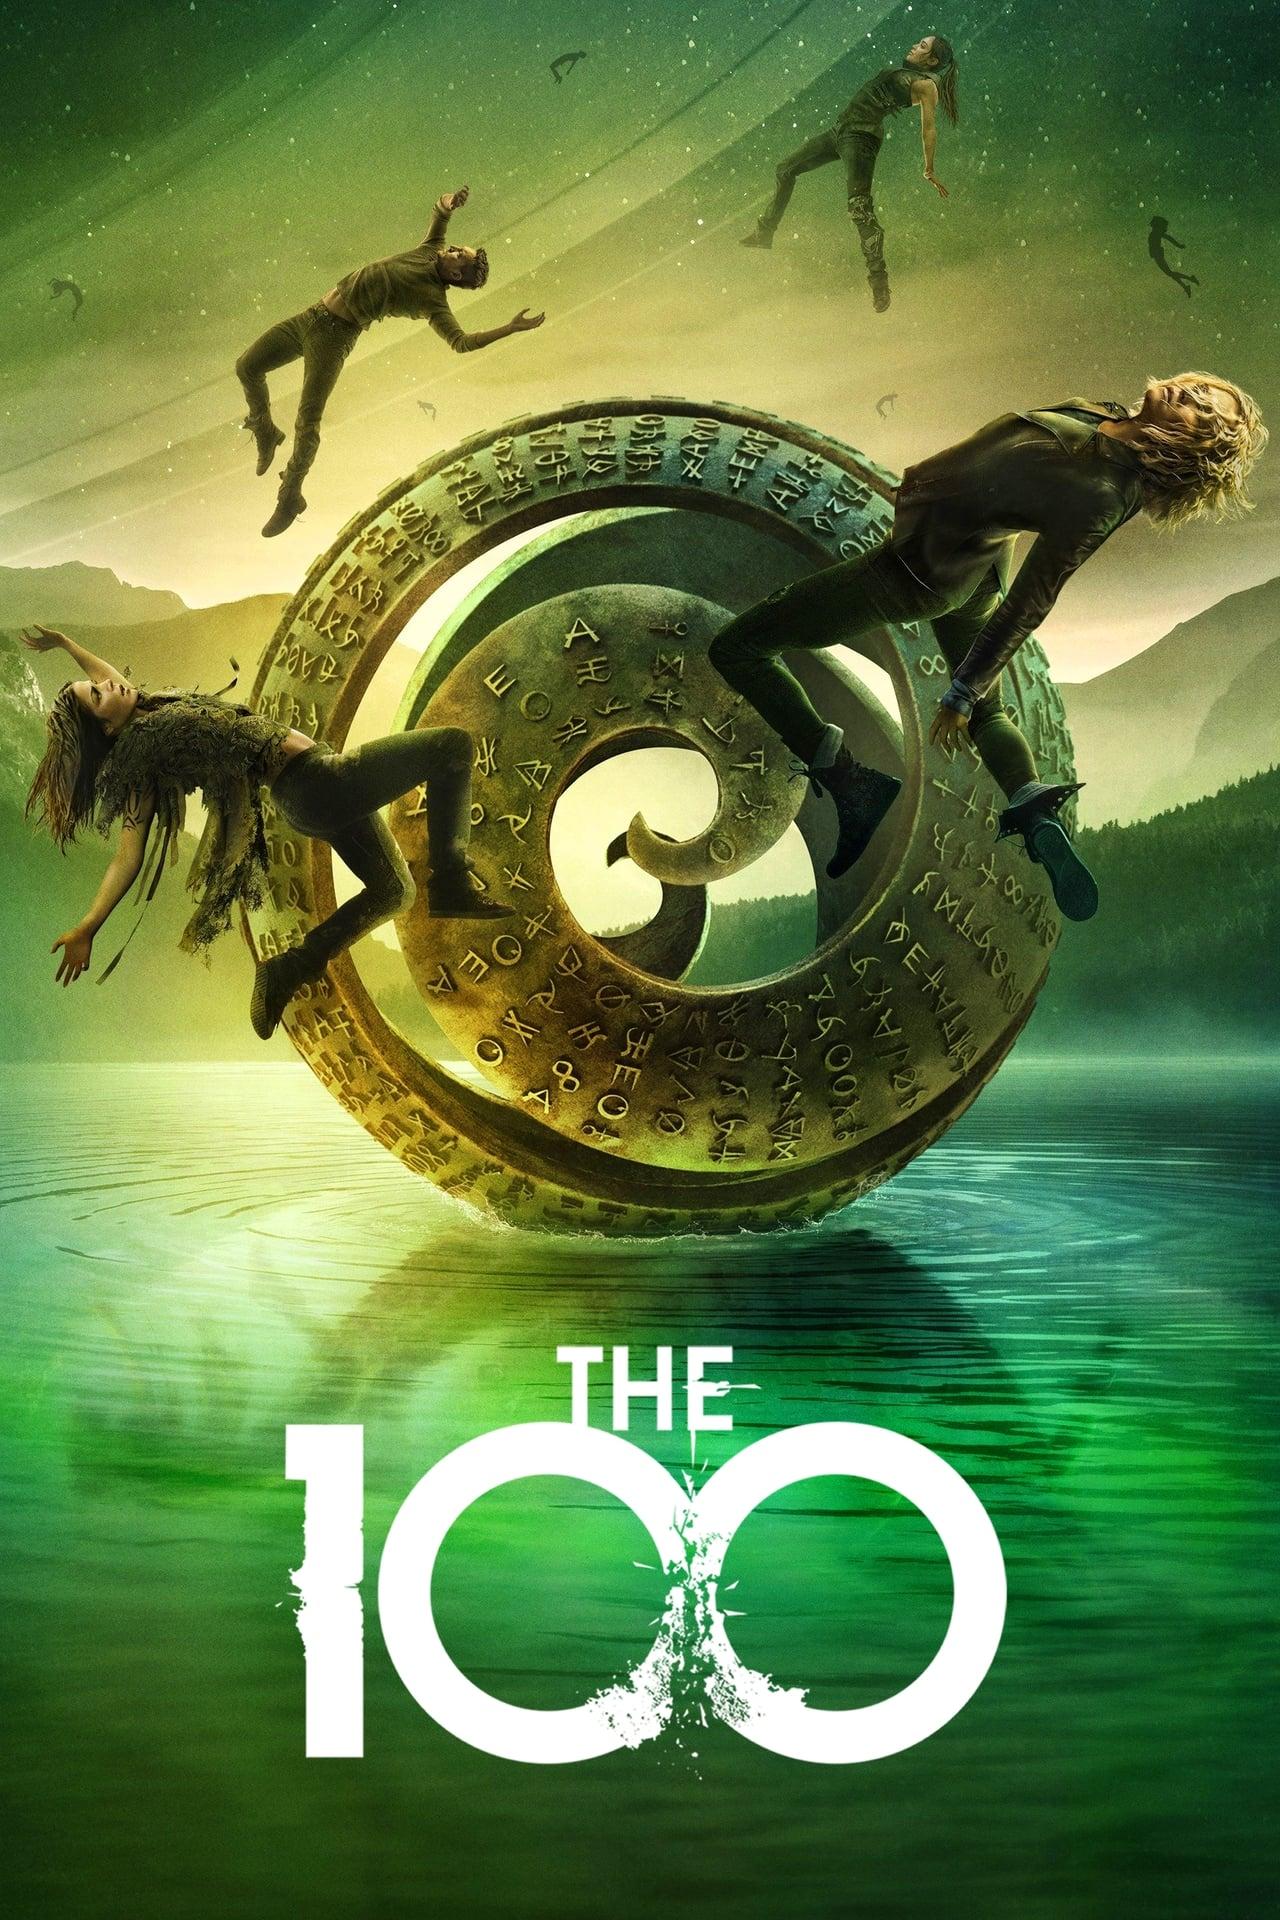 Los 100 Temporada 7 Capítulo 3